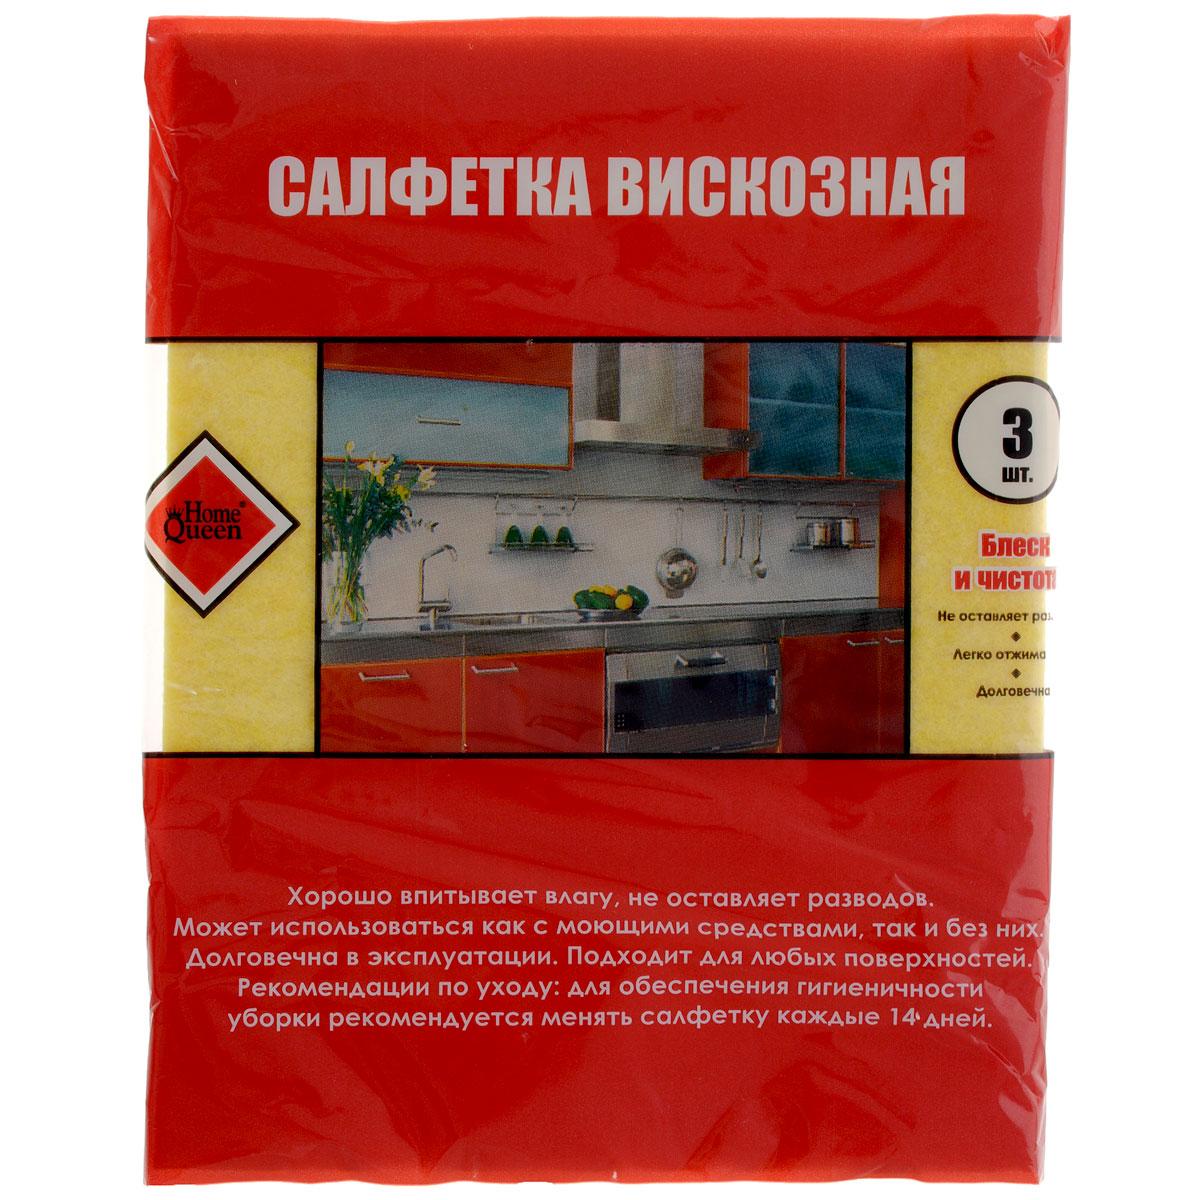 Салфетка для уборки Home Queen, цвет: желтый, 30 см х 38 см, 3 шт57117_желтыйСалфетка Home Queen, изготовленная из 65 % вискозы и 35 % полиэстера, предназначена для очищения загрязнений на любых поверхностях. Изделие обладает высокой износоустойчивостью и рассчитано на многократное использование, легко моется в теплой воде с мягкими чистящими средствами. Супервпитывающая салфетка не оставляет разводов и ворсинок, удаляет большинство жирных и маслянистых загрязнений без использования химических средств. Комплектация: 3 шт.